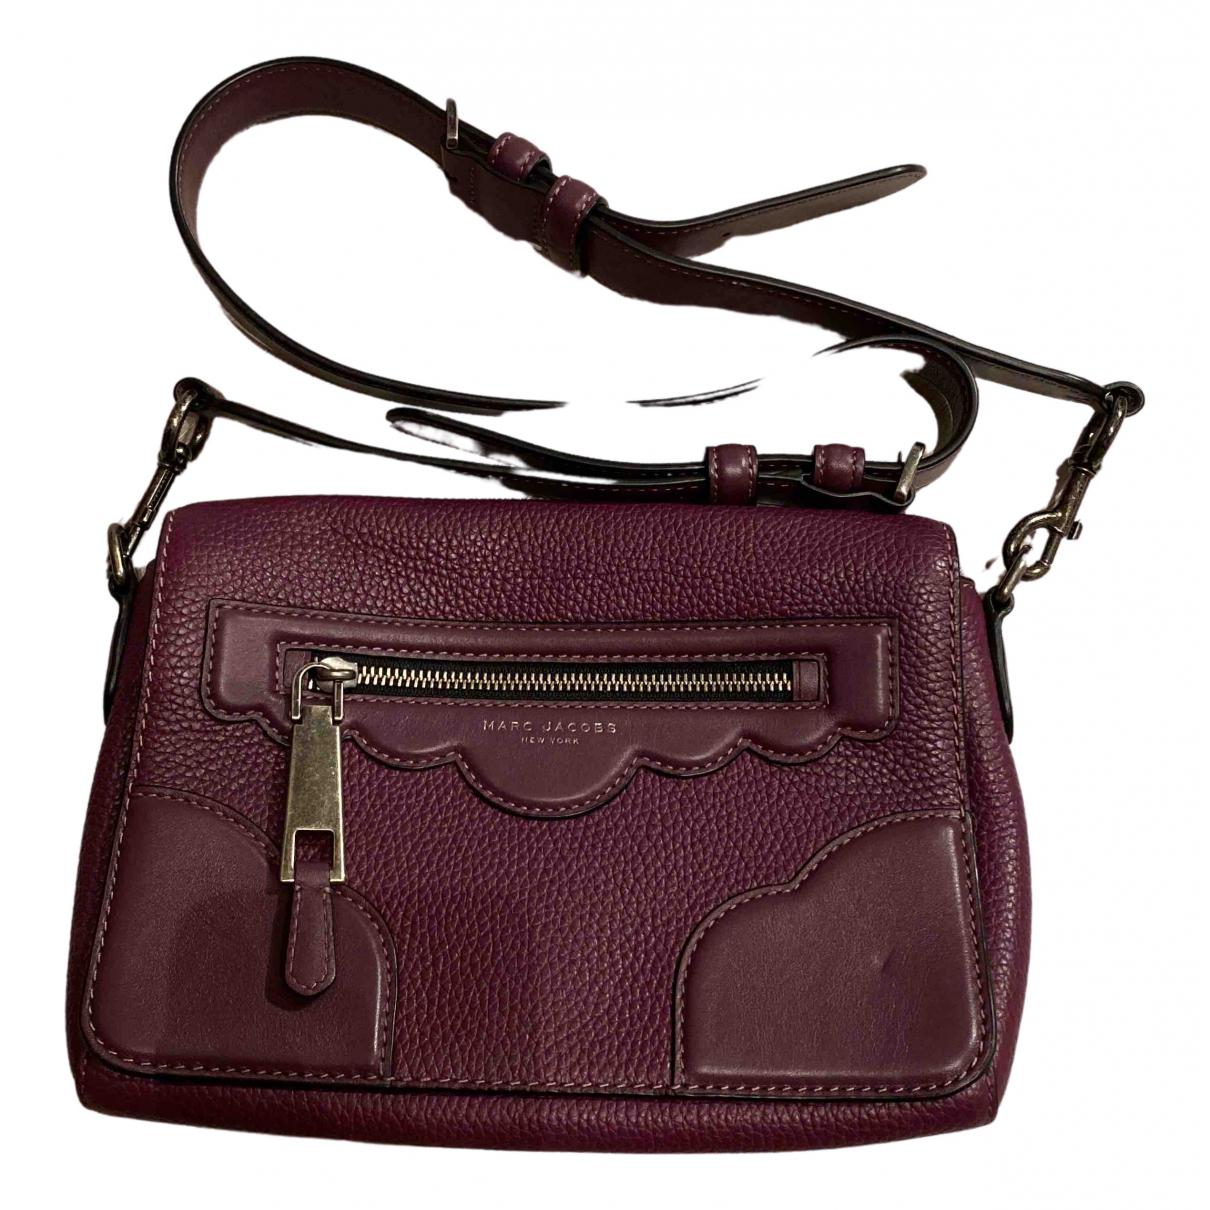 Marc Jacobs \N Handtasche in  Lila Leder